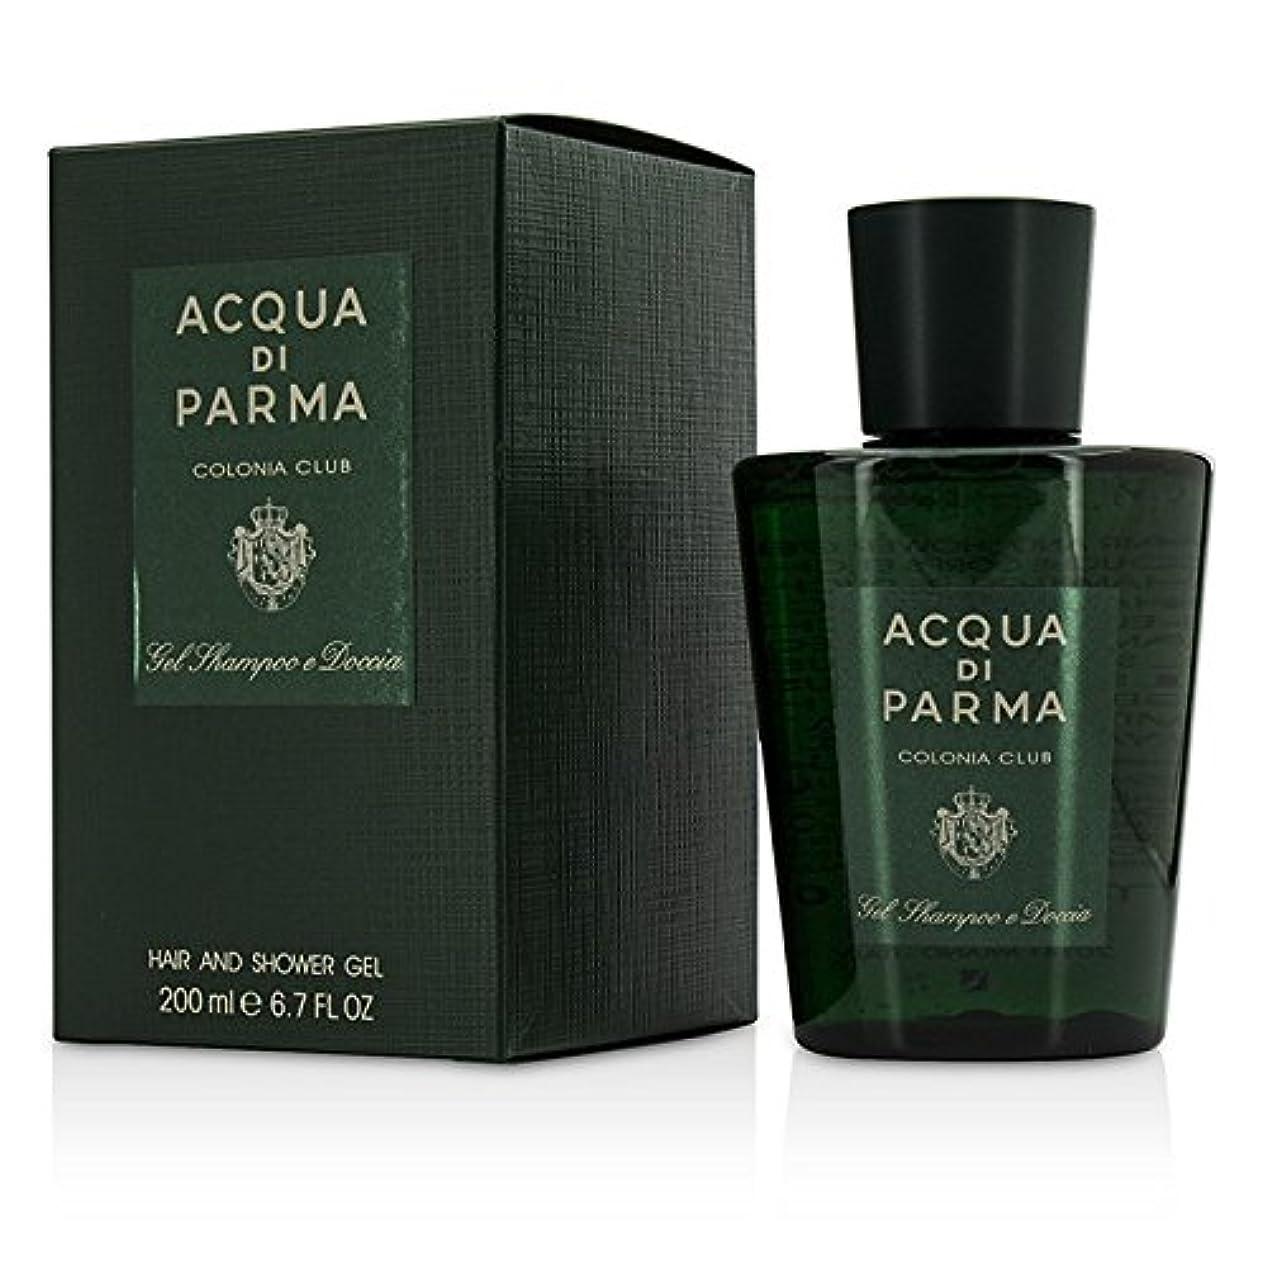 シリアルラブ応答アクアディパルマ Acqua di Parma Colonia Club Hair & Shower Gel 200ml/6.7oz並行輸入品